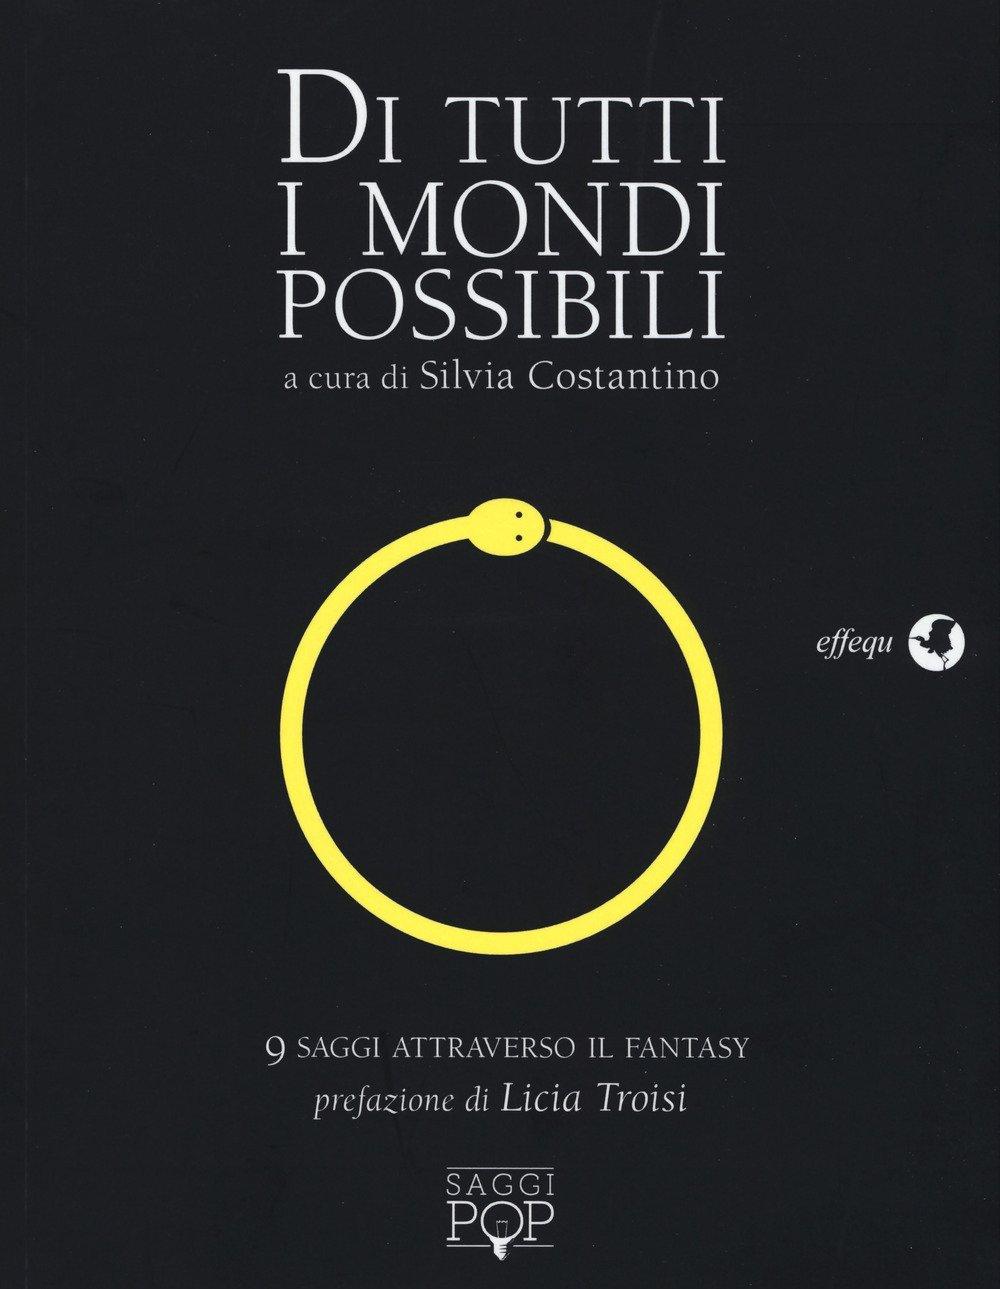 Di tutti i mondi possibili – 9 saggi attraverso il fantasy a cura di Silvia Costantino, recensione, una banda di cefali